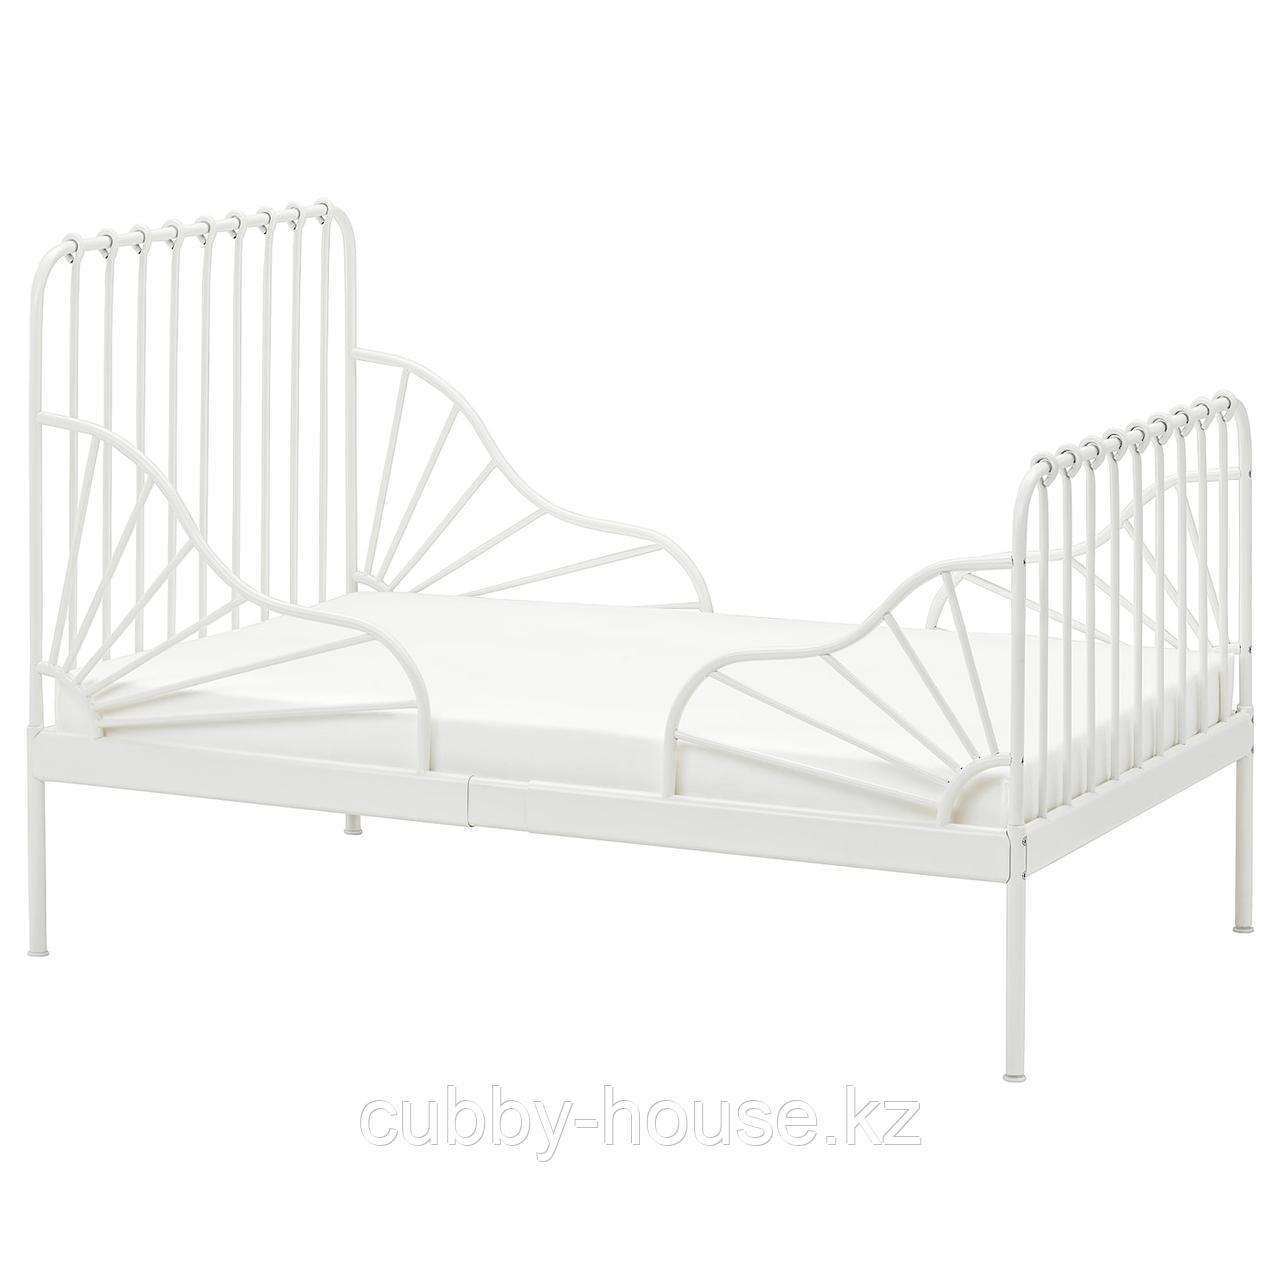 МИННЕН Раздвижная кровать с реечным дном, белый, 80x200 см